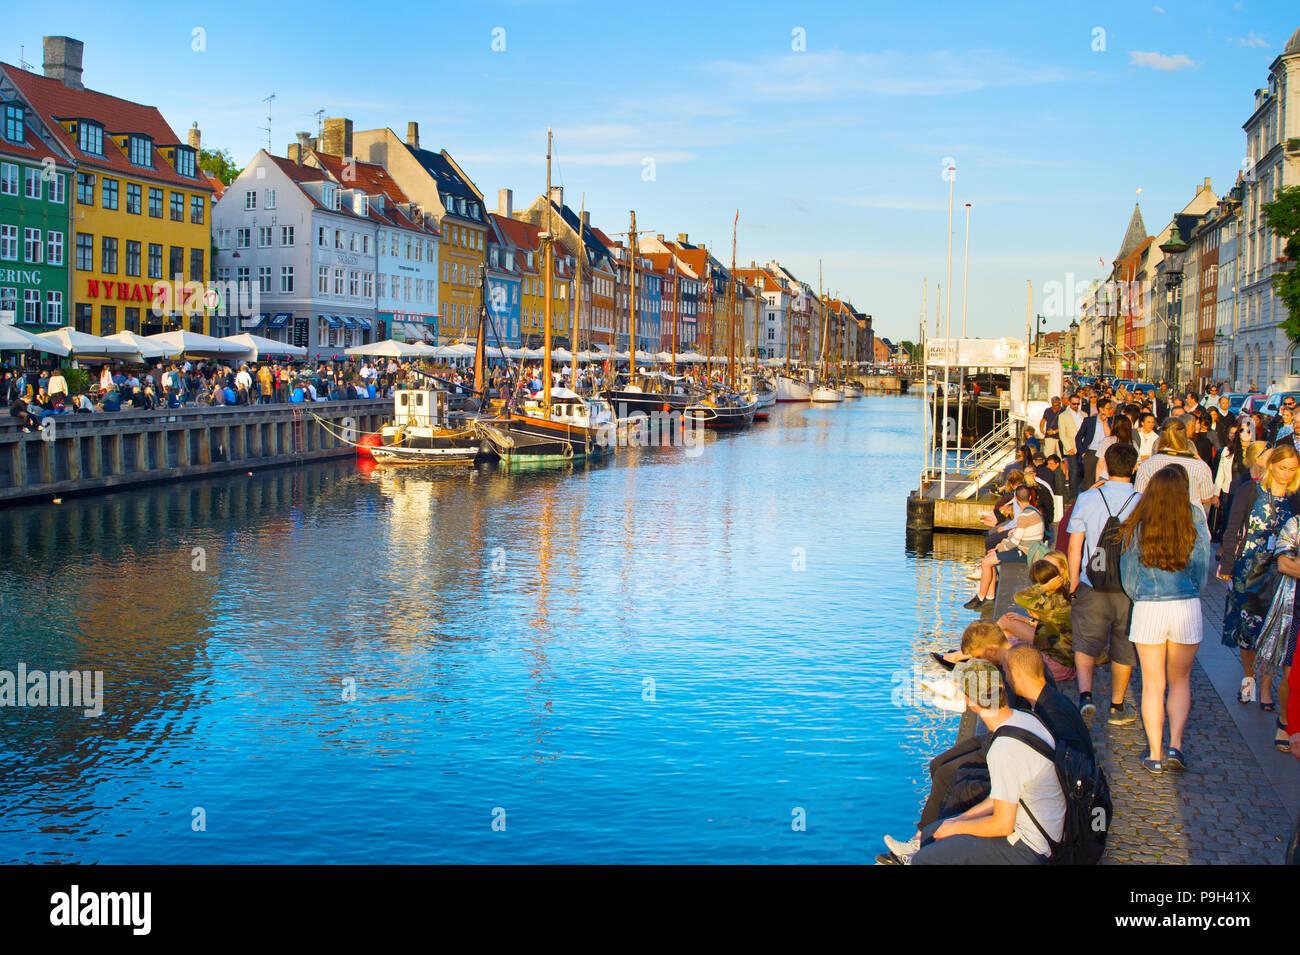 COPENHAGEN, Danimarca - 16 giugno 2018: i turisti a Nyhavn district - è uno dei più famoso di Copenhagen Immagini Stock